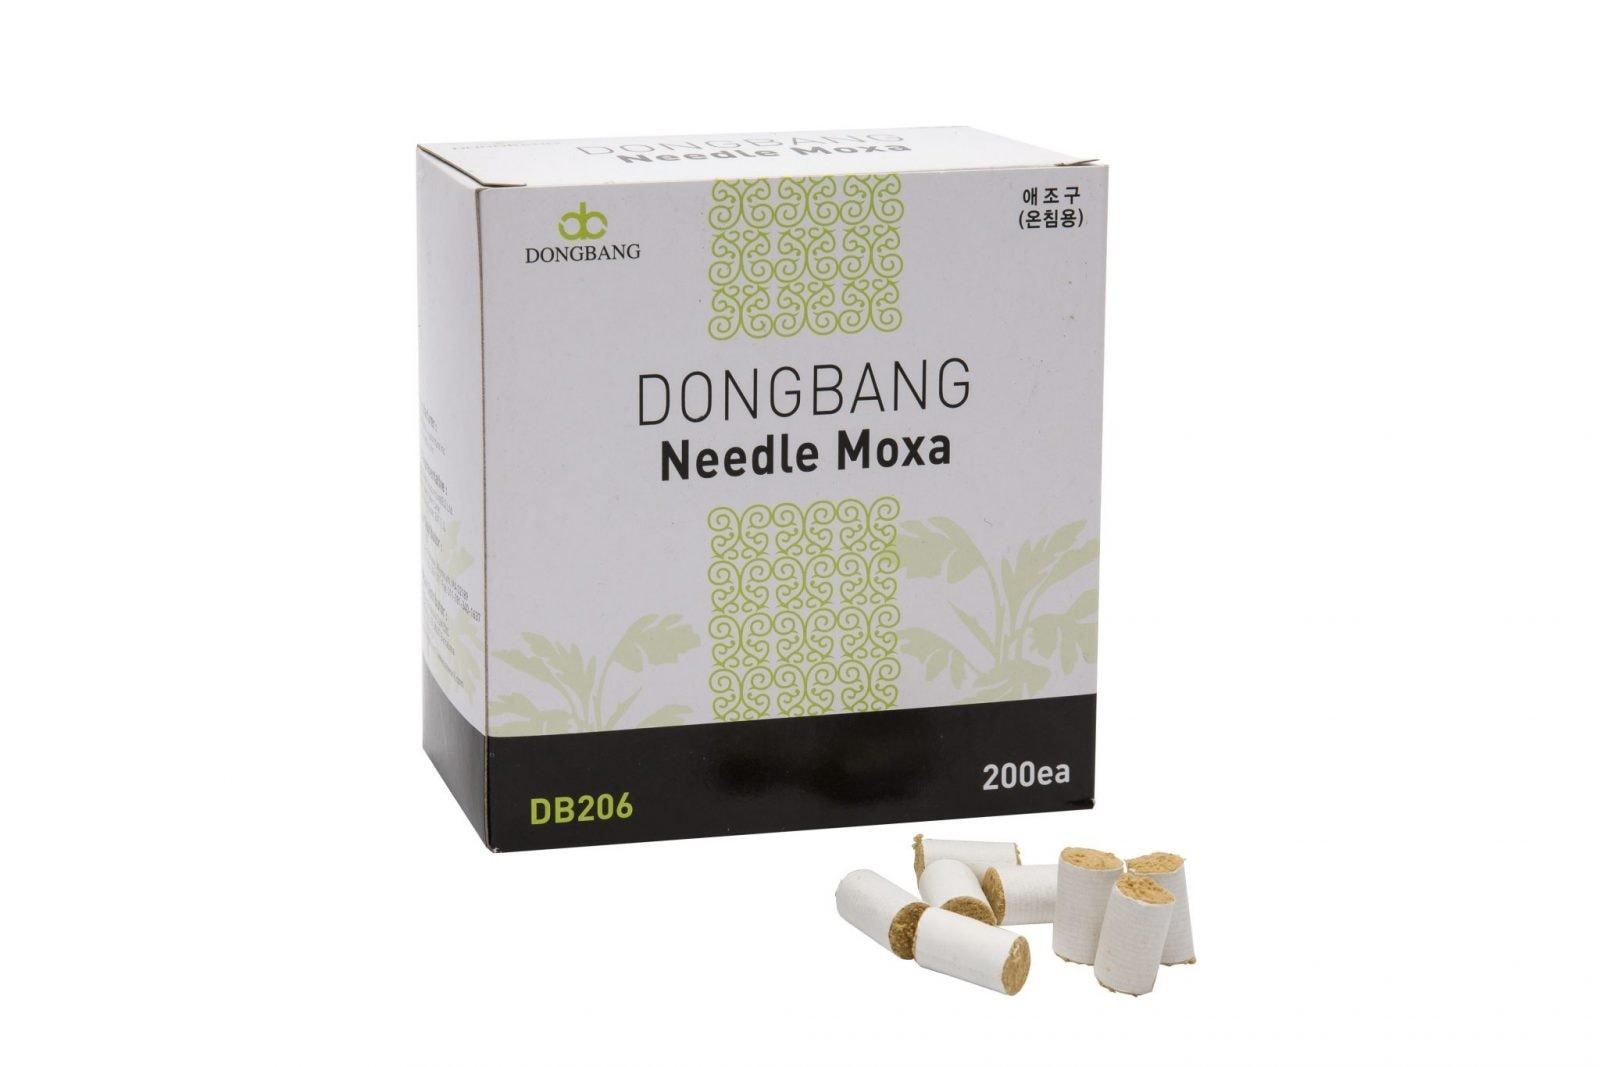 DongBang Needle Moxa